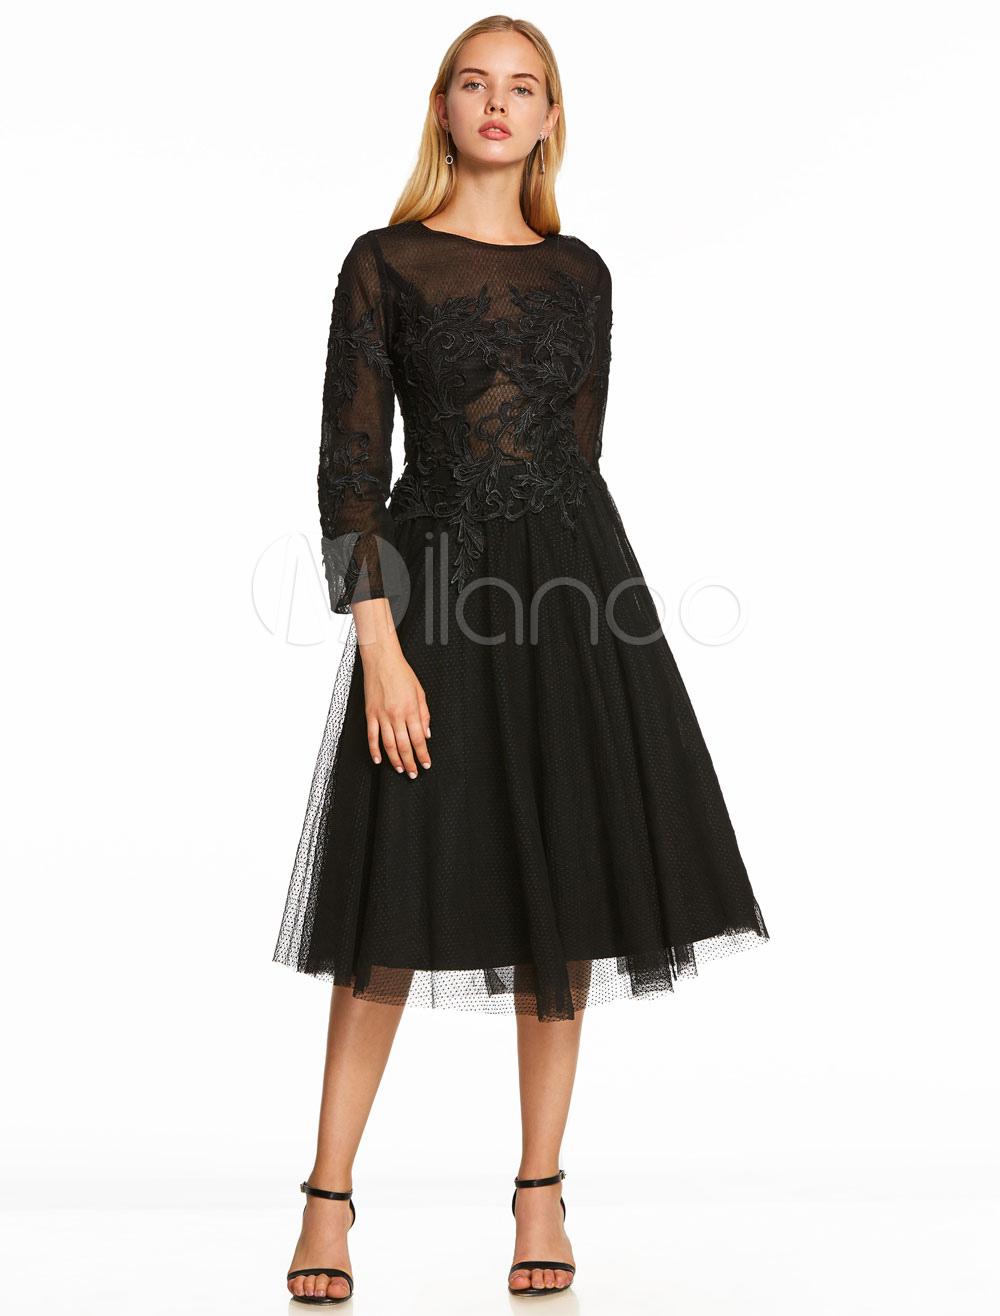 Little Black Dresses Lace Long Sleeve Black Cocktail Dress Lace Applique Illusion Short Party Dress (Wedding Cheap Party Dress) photo